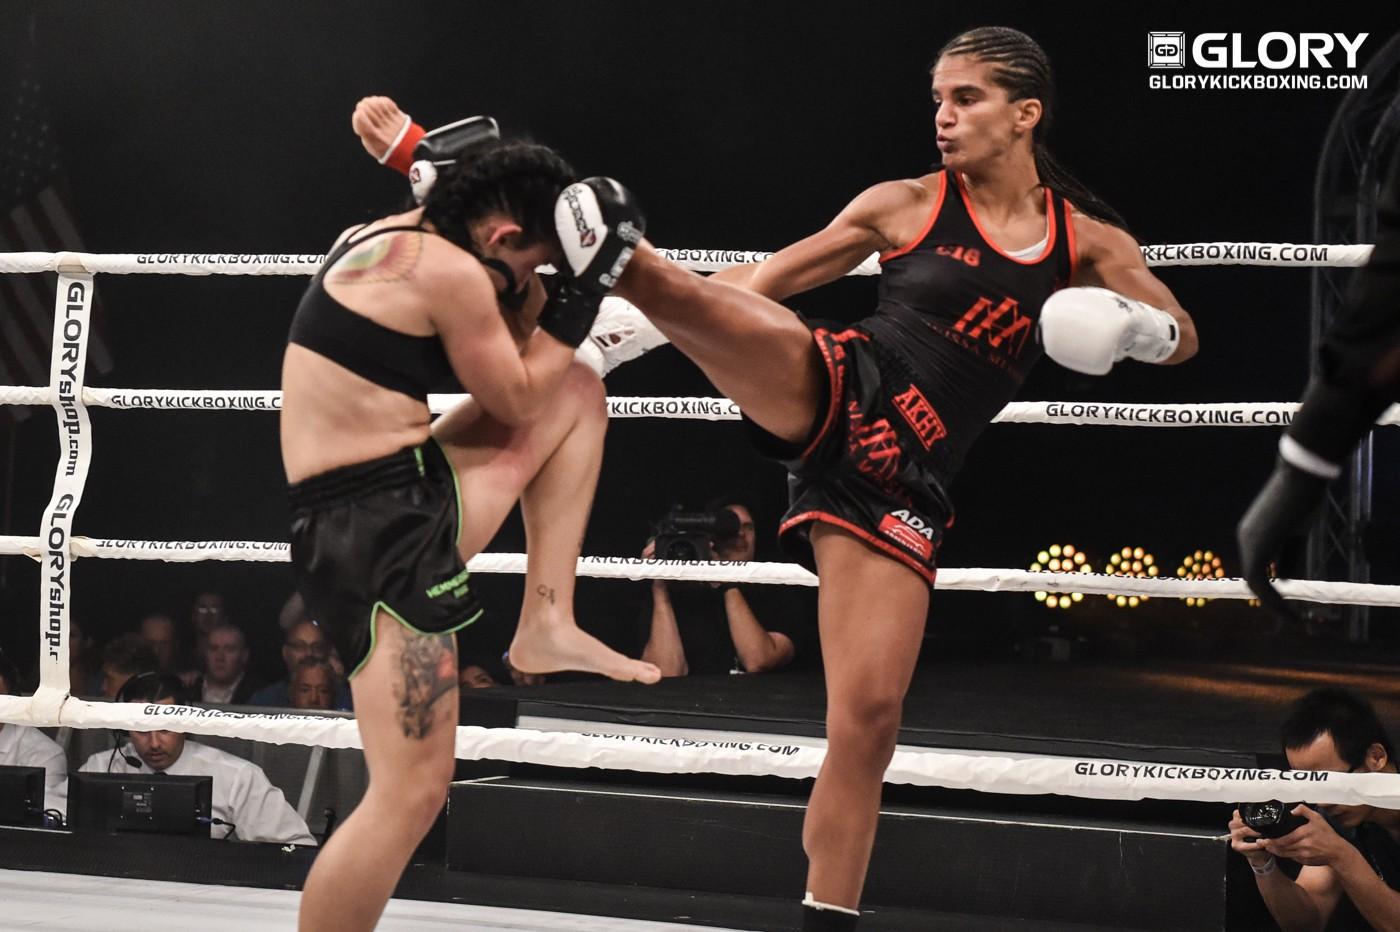 Nữ võ sĩ Muay Thái đá cây chuối gãy gập - Ảnh 4.